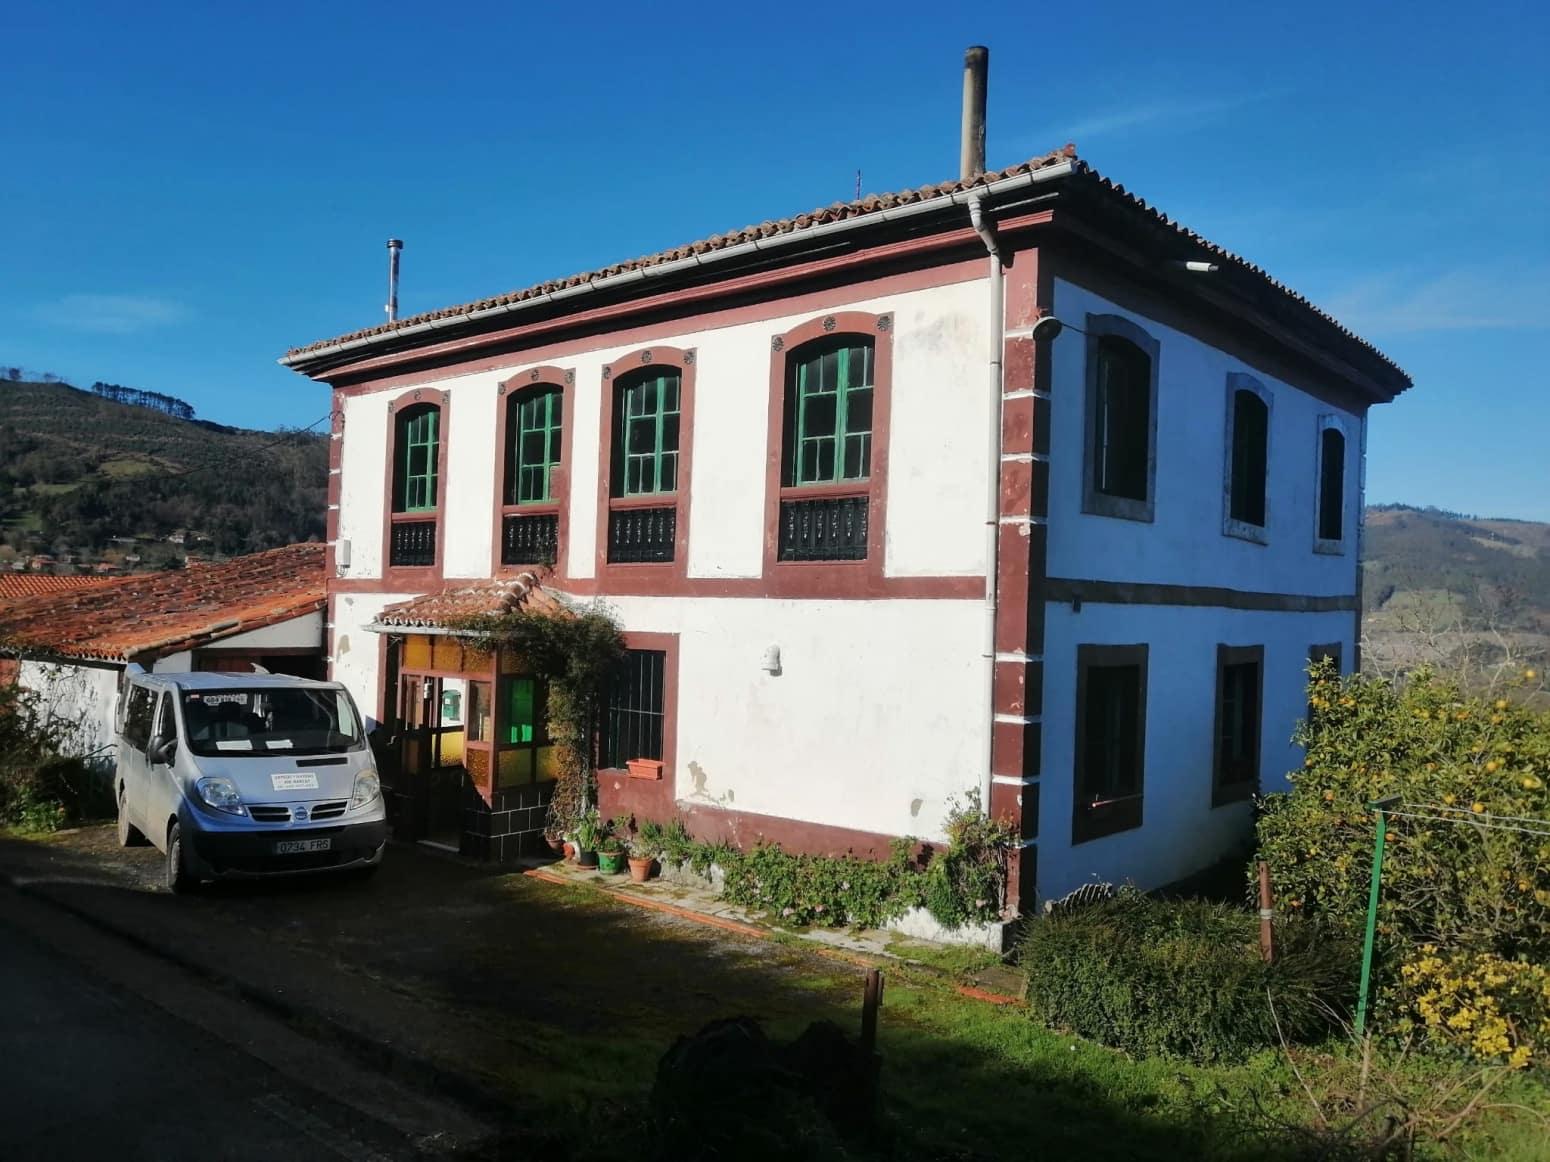 3 sypialnia Dom szeregowy na sprzedaż w Villaviciosa z garażem - 130 000 € (Ref: 5907193)